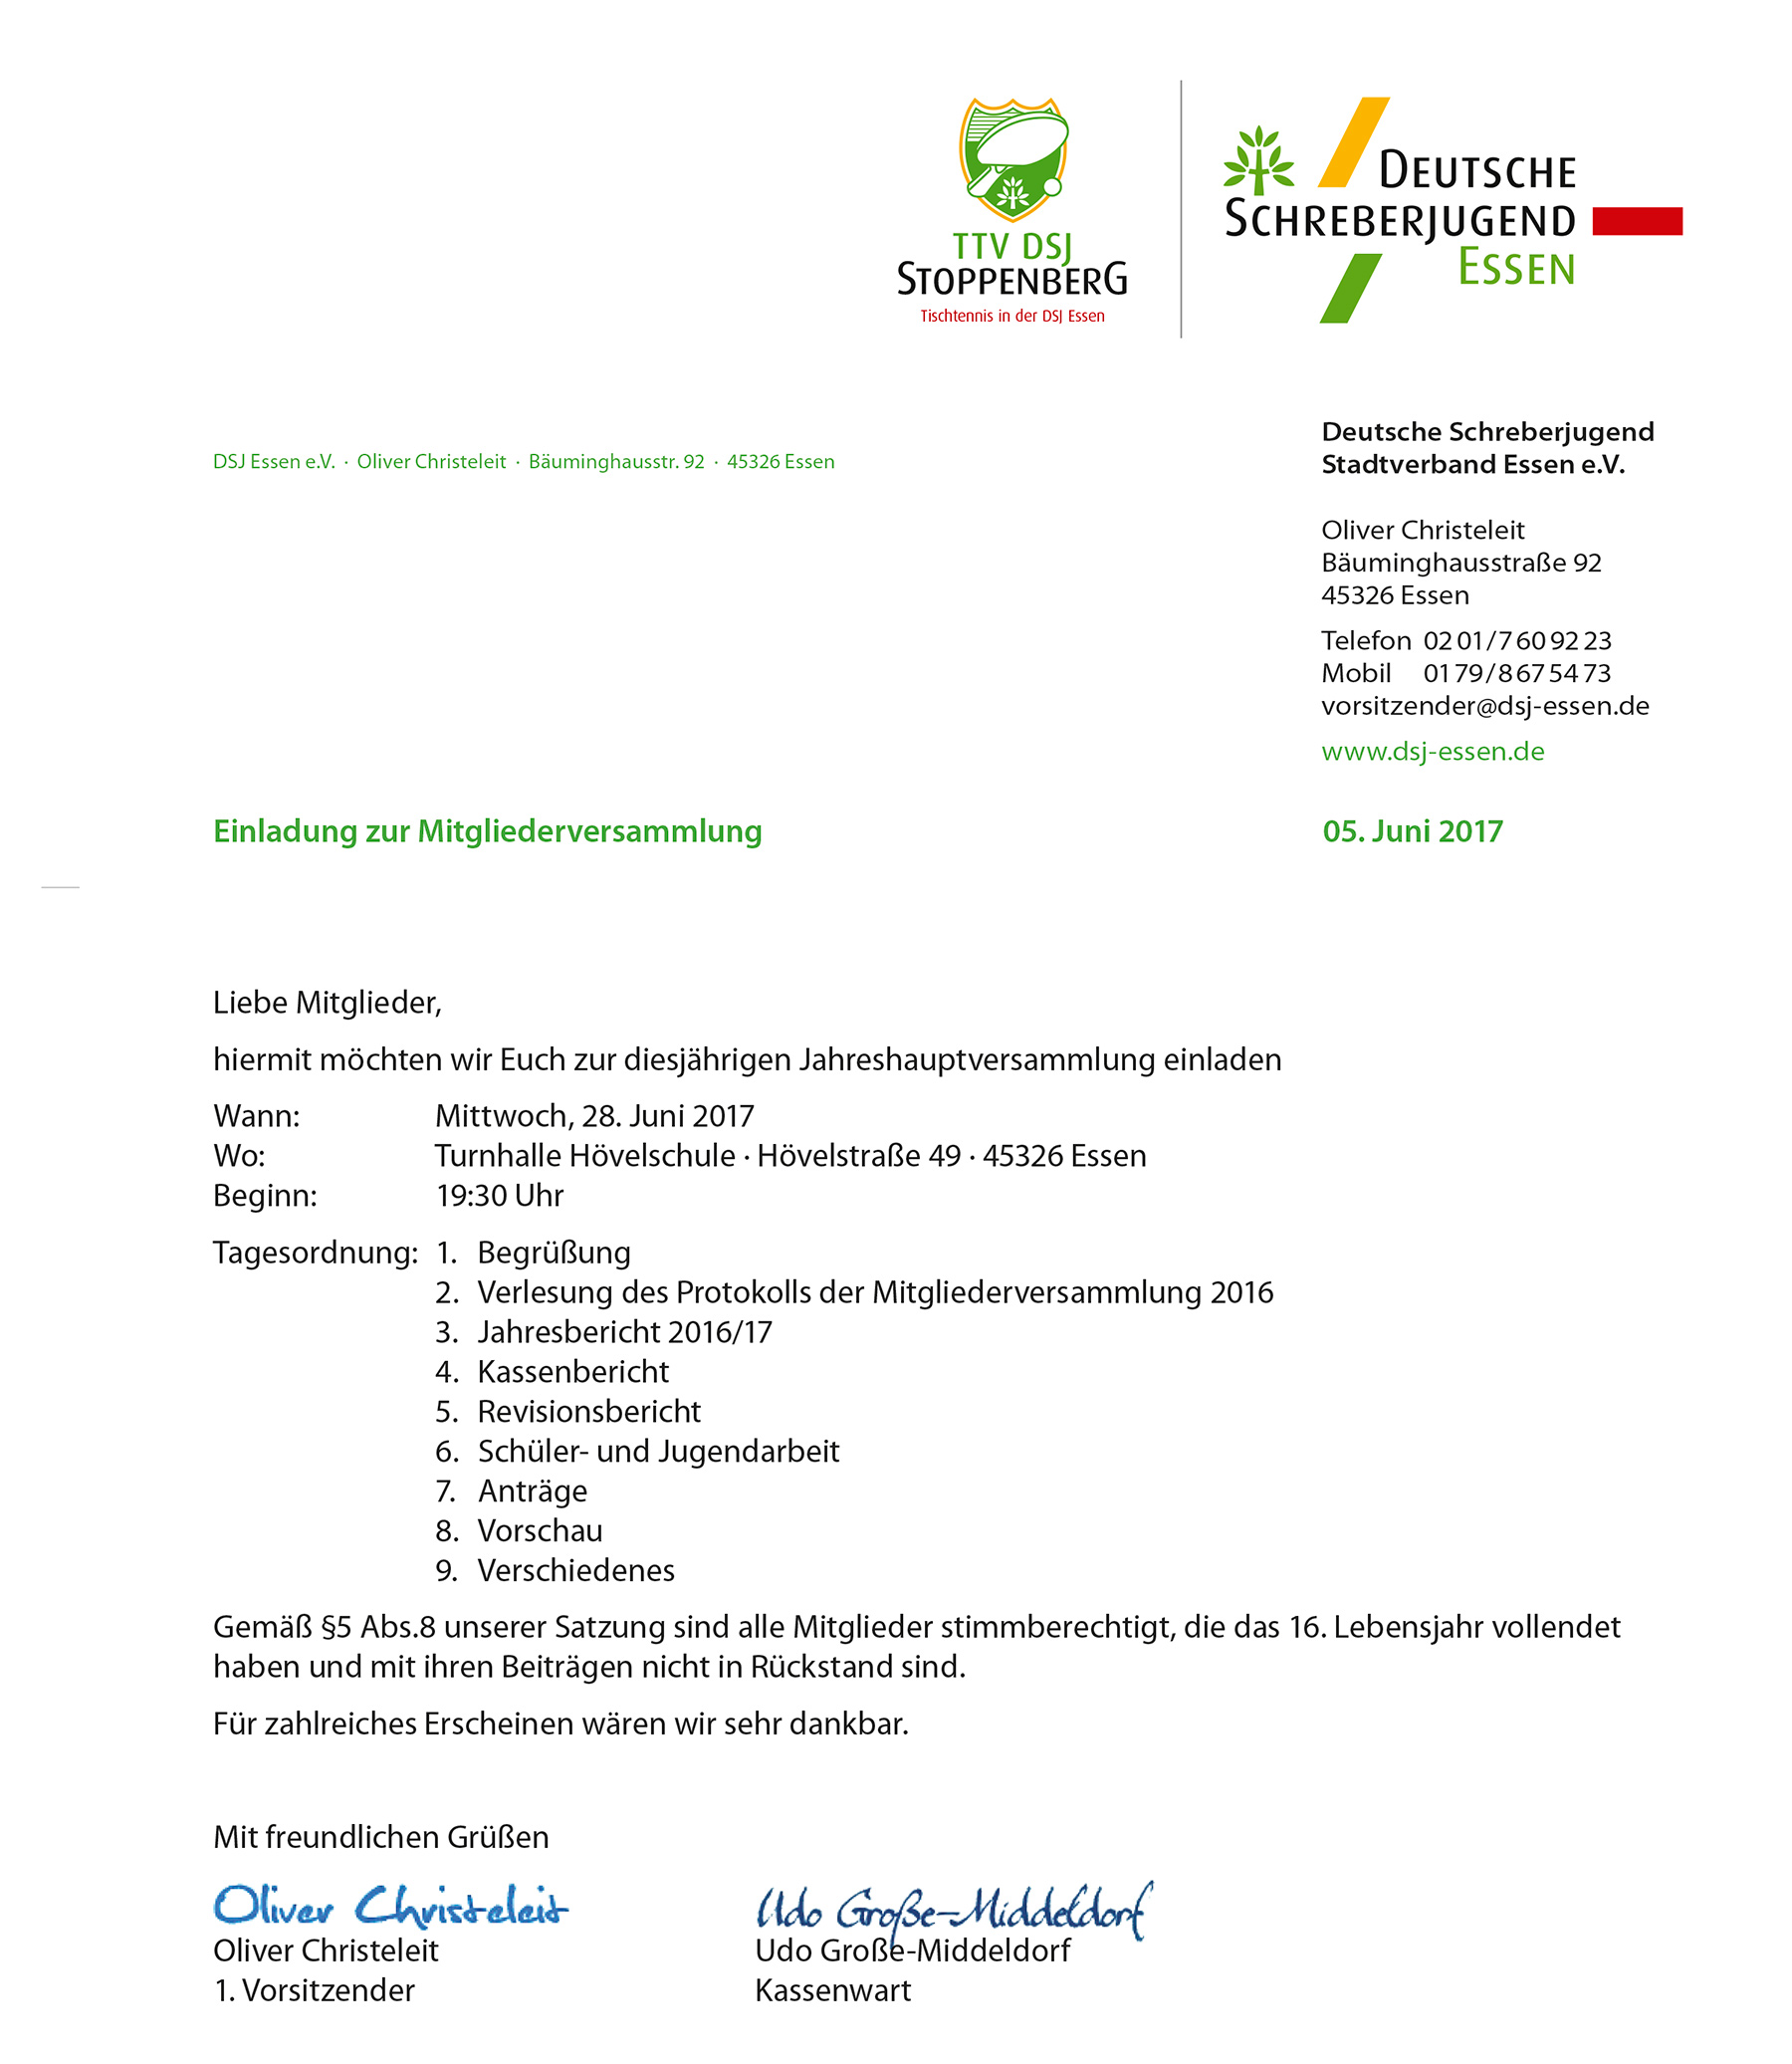 einladung zur mitgliederversammlung - tischtennis in der ttv dsj, Einladung